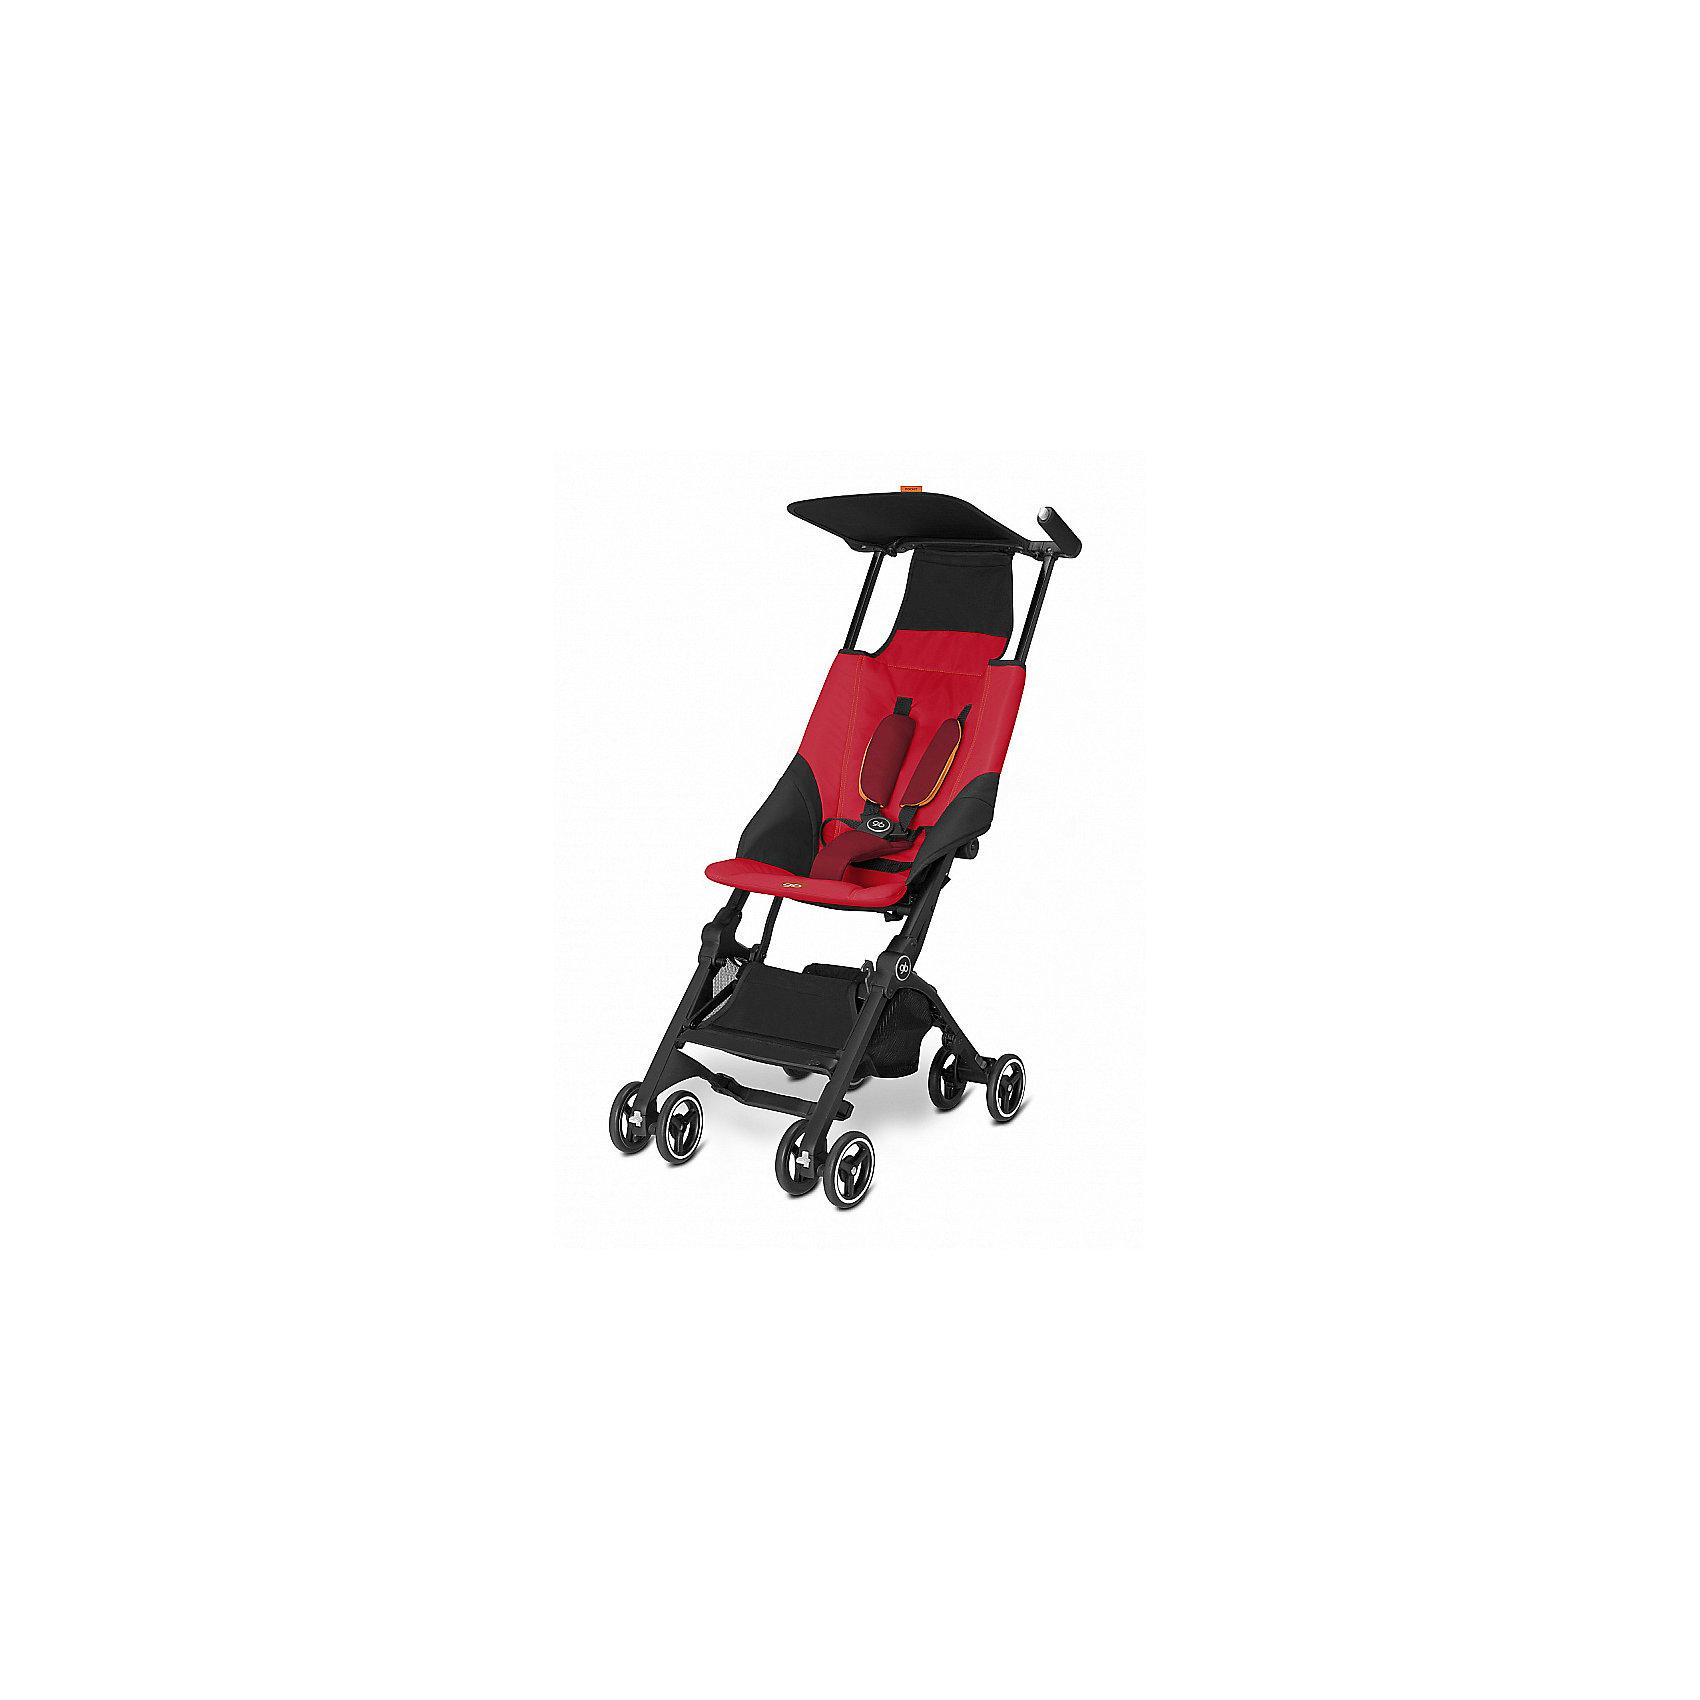 Прогулочная коляска GB pockit, Dragonfire RedПрогулочные коляски<br>Характеристики коляски GB Pockit<br><br>Прогулочный блок:<br><br>• 5-ти точечные ремни безопасности с мягкими съемными накладками на кпопках;<br>• навесной козырек, полностью убирается за спинку коляски;<br>• съемный для стирки чехол прогулочного блока;<br>• материал: пластик, полиэстер.<br><br>Рама коляски:<br><br>• сдвоенные колеса: передние поворотные с блокировкой, задние оснащены тормозом;<br>• имеется корзина для покупок, объем 8 л;<br>• компактное складывание с защитой от раскладывания;<br>• 2 способа складывания;<br>• механизм складывания: книжка, колеса обращены друг к другу;<br>• материал: алюминий.<br><br>Допустимая нагрузка: до 17 кг<br>Размер коляски: 72х43х99 см<br>Размер коляски в сложенном виде: 30х18х35 см<br>Размер упаковки: 90х40х40 см<br>Вес коляски: 4,3 кг<br>Вес в упаковке: 6 кг<br><br>Супер компактная коляска Pockit в сложенном виде напоминает женскую сумку. Колеса направлены внутрь, коляска в сложенном виде фиксируется с помощью специального механизма. Прогулочный блок оснащен ремнями безопасности, которые снабжены съемными плечевыми накладками. Козырек от солнца можно полностью убрать за спинку коляски. Корзина используется для транспортировки детских игрушек или немногочисленных покупок. <br><br>Прогулочную коляску pockit, GB, Dragonfire Red можно купить в нашем интернет-магазине.<br><br>Ширина мм: 900<br>Глубина мм: 400<br>Высота мм: 400<br>Вес г: 6000<br>Возраст от месяцев: 6<br>Возраст до месяцев: 36<br>Пол: Унисекс<br>Возраст: Детский<br>SKU: 5532641